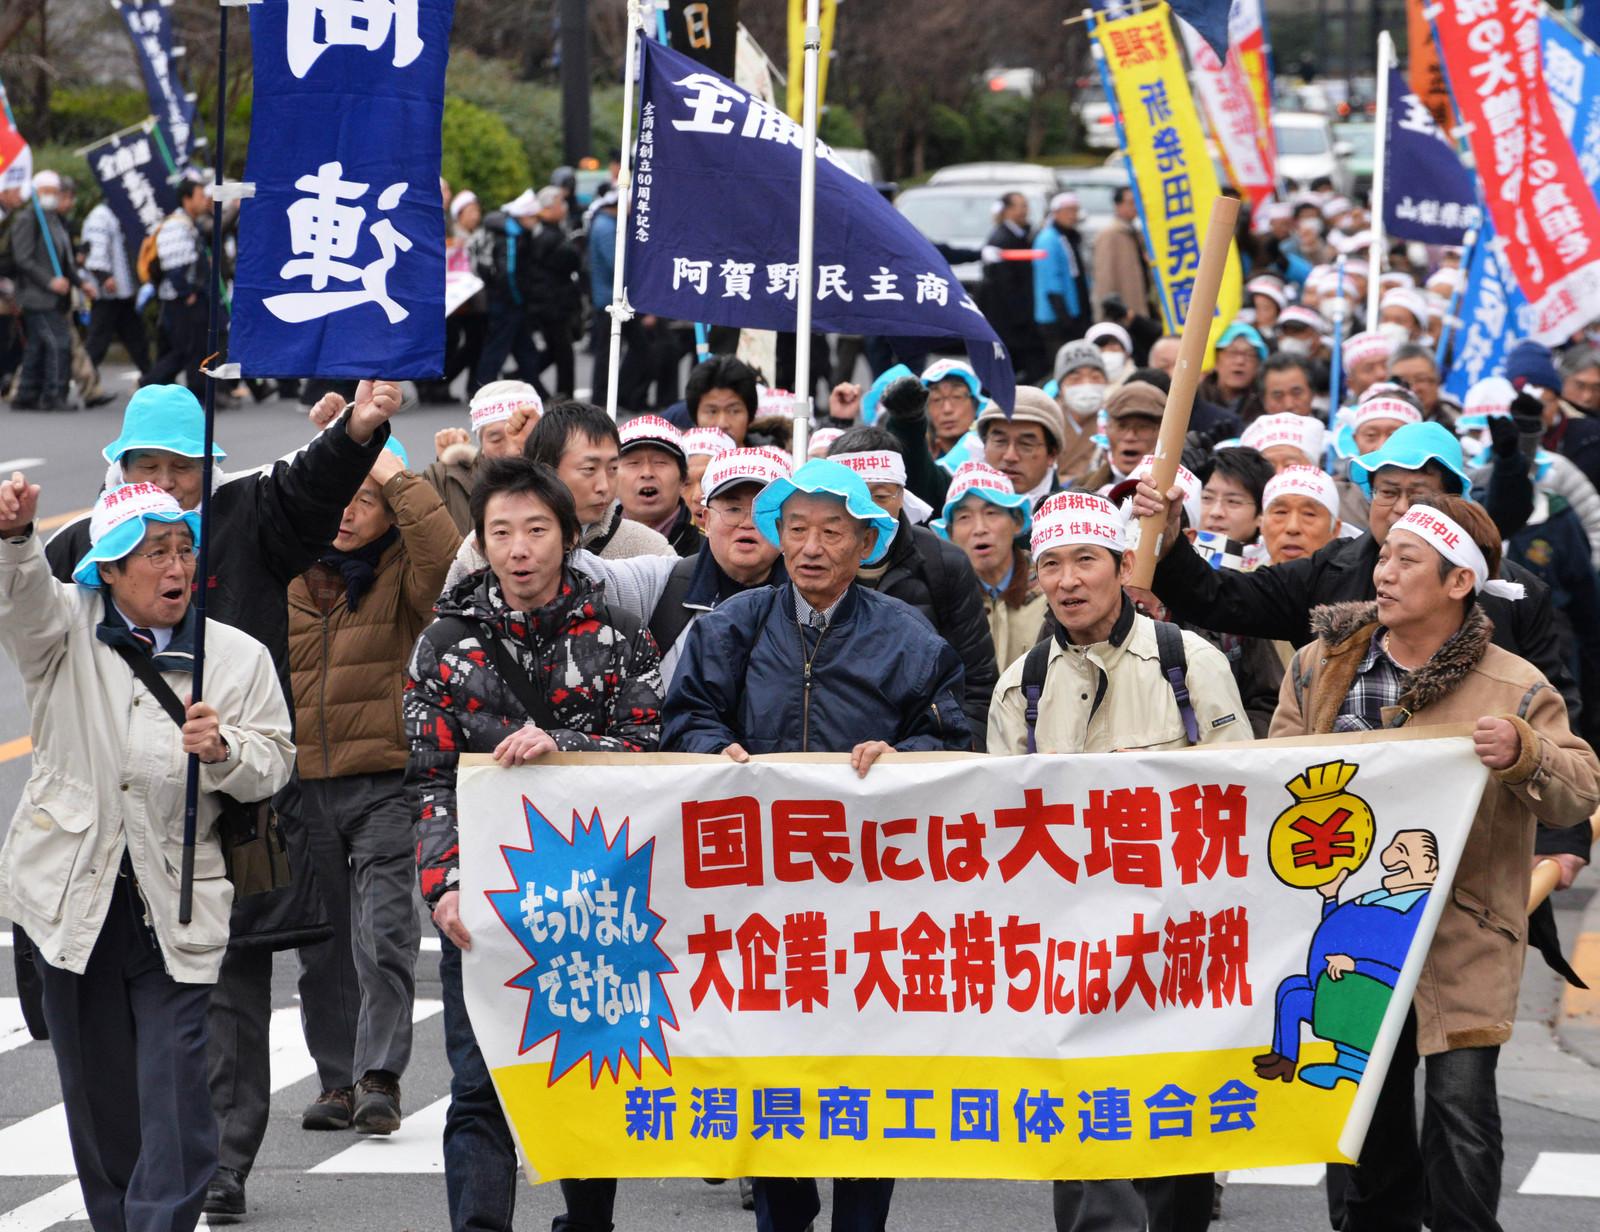 「くらしと営業を守れ」とデモ行進する中小企業=29日、東京都千代田区